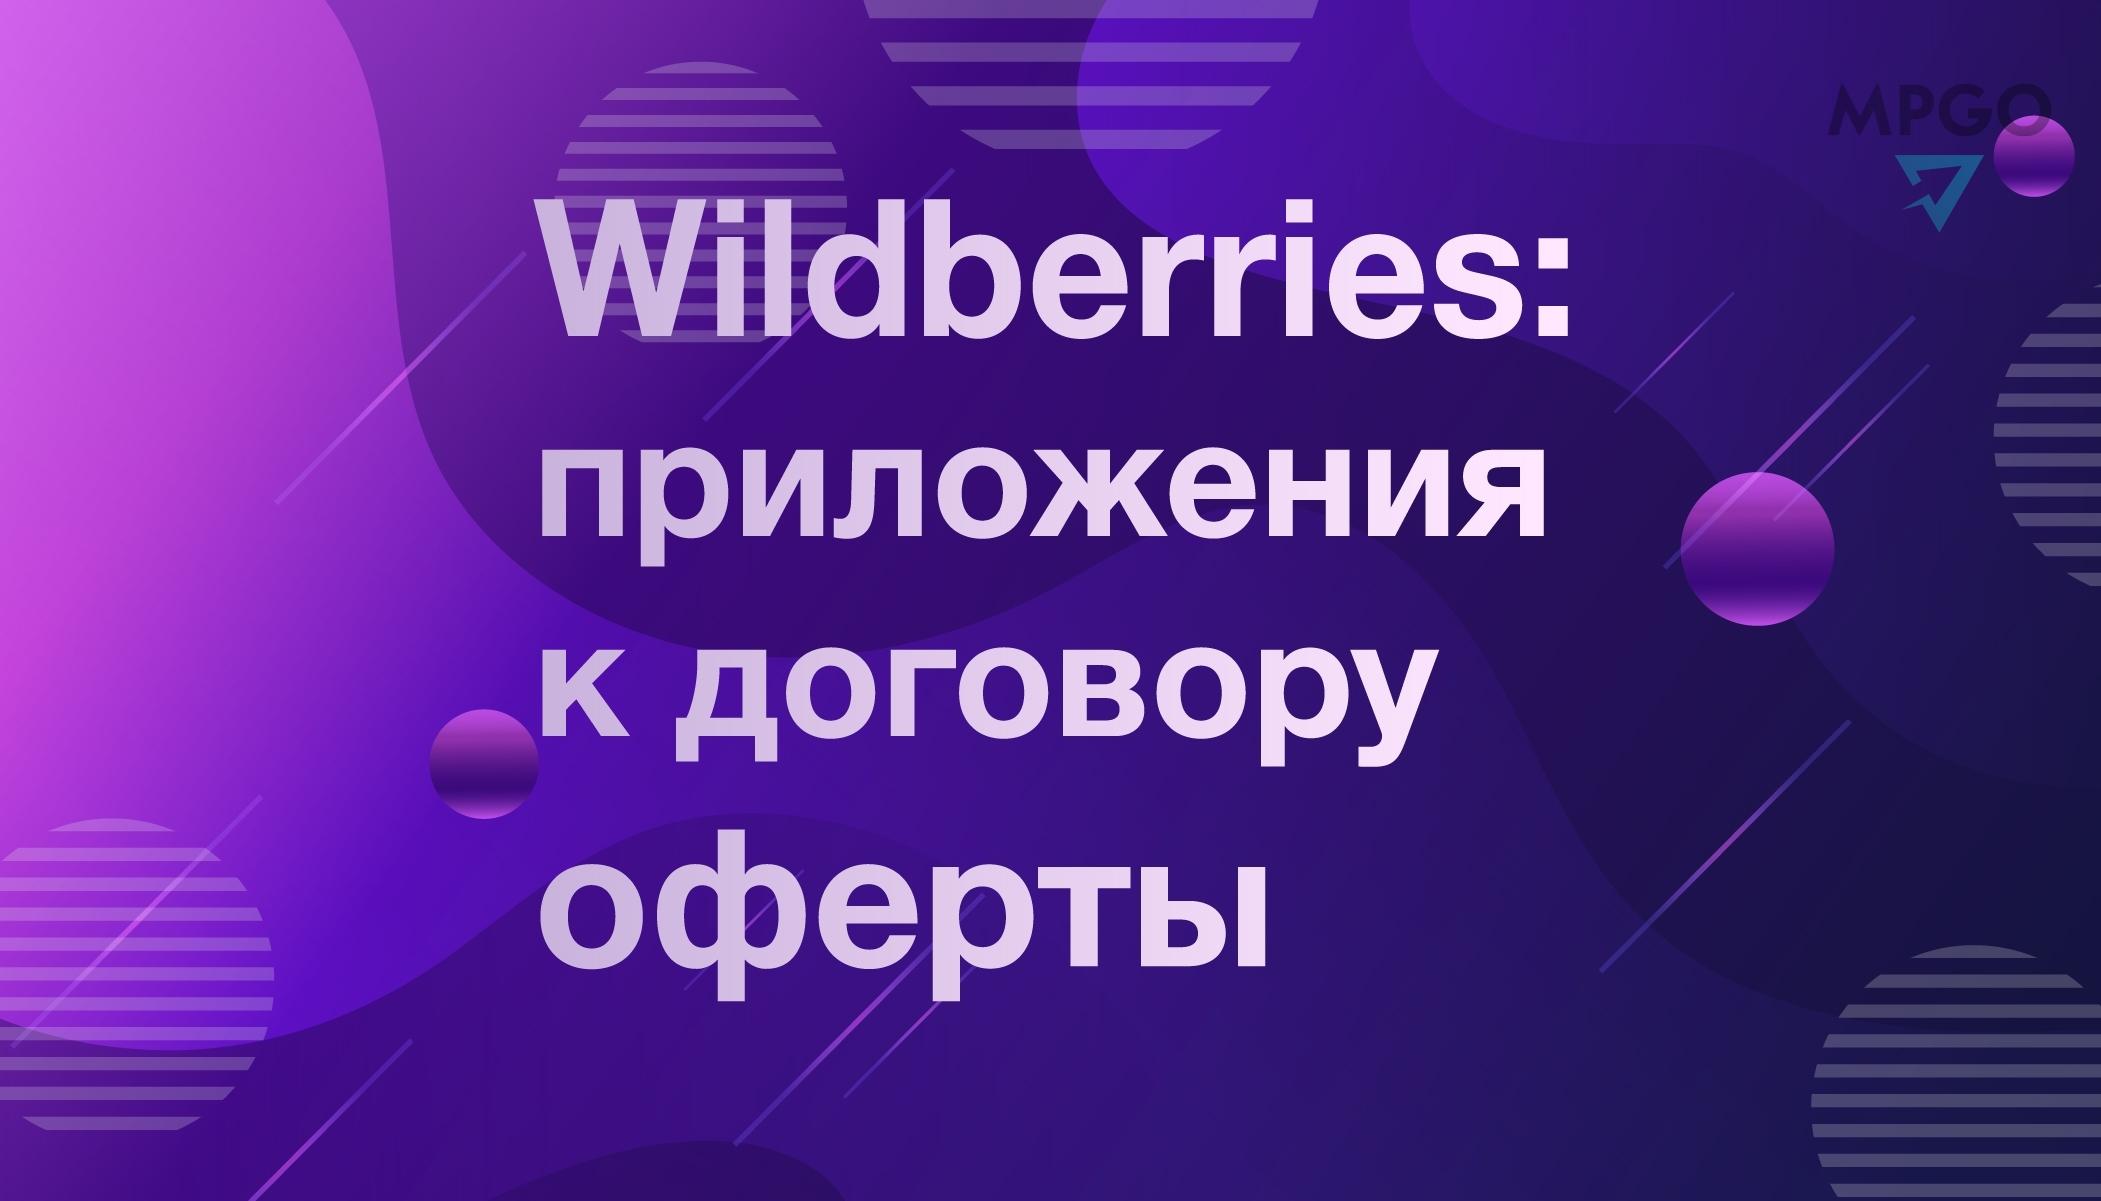 wildberries приложения к договору оферты